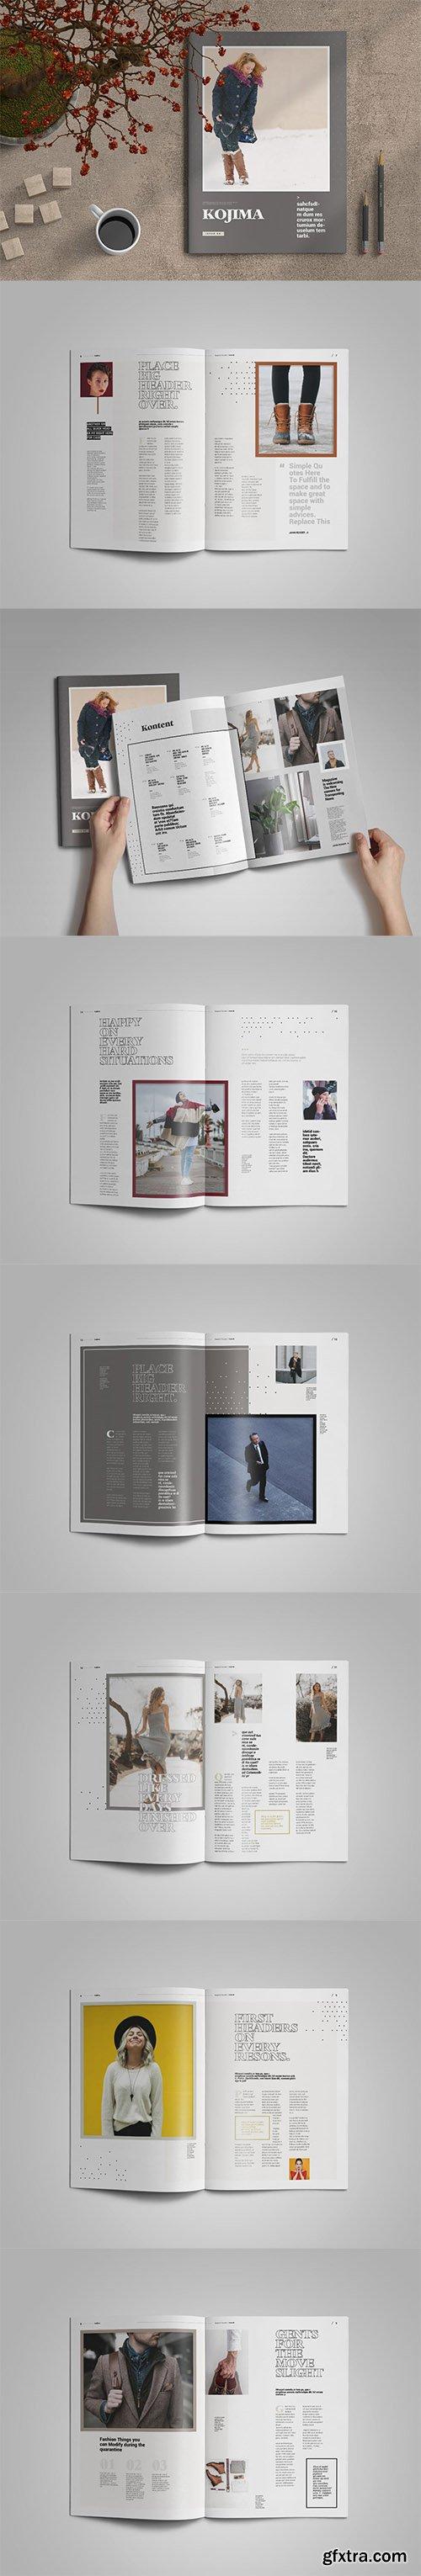 Kojima | Magazine Template